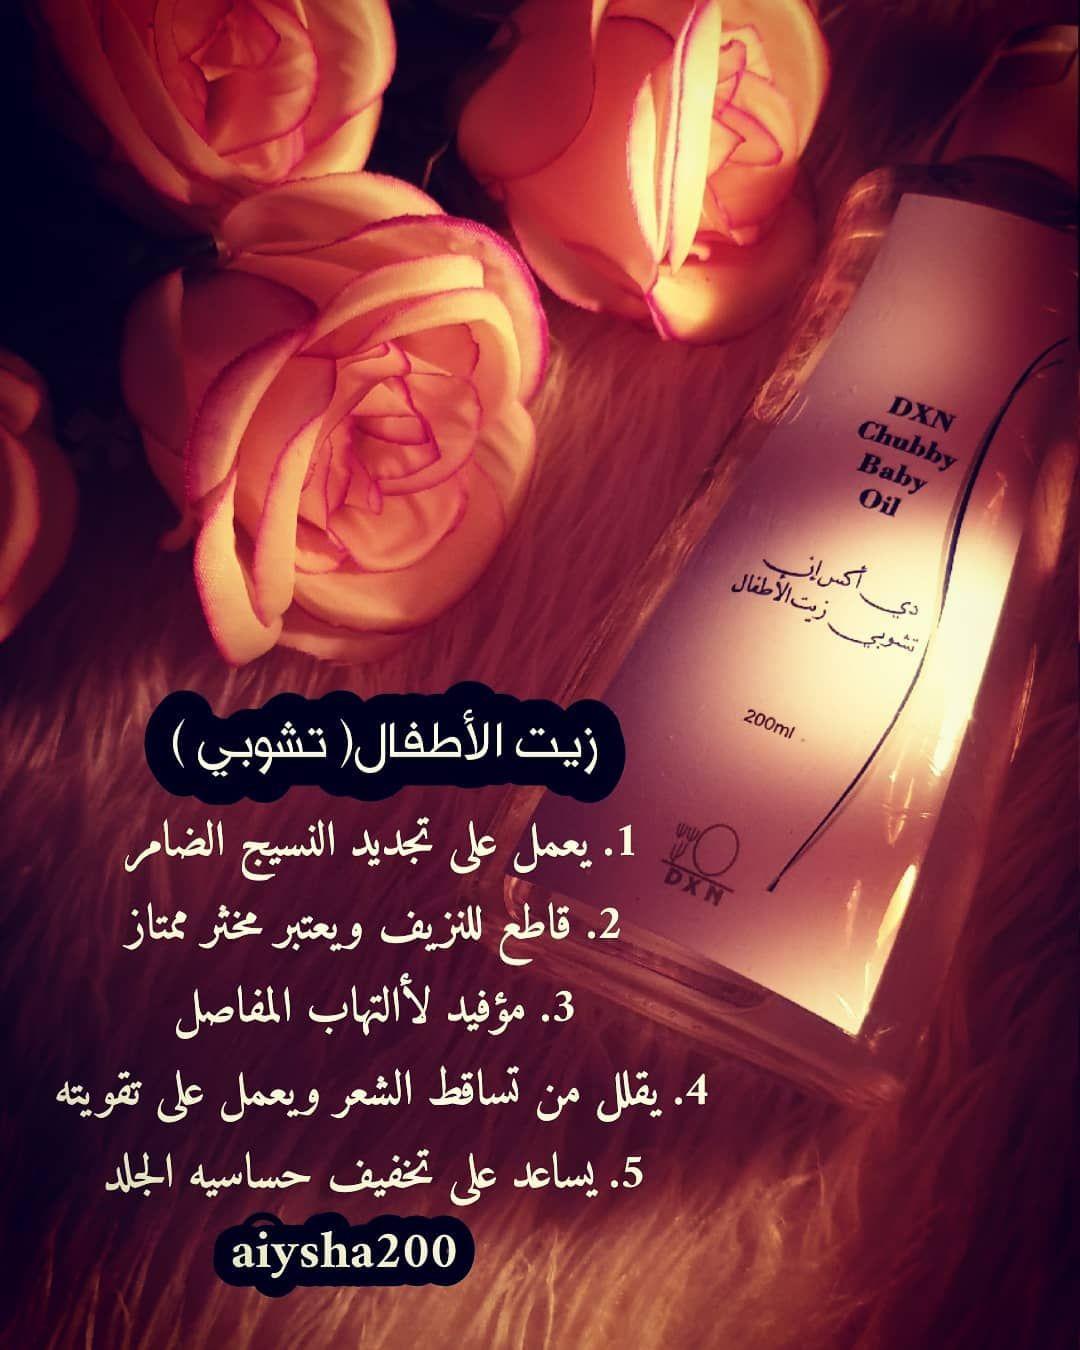 منتجات طبيعية جيزان تجارب Dxn منتجات صحية نظافة عناية جمال دكسن صحة السعودية عضوي بنات صابونة جانوزي Movie Posters Poster Movies